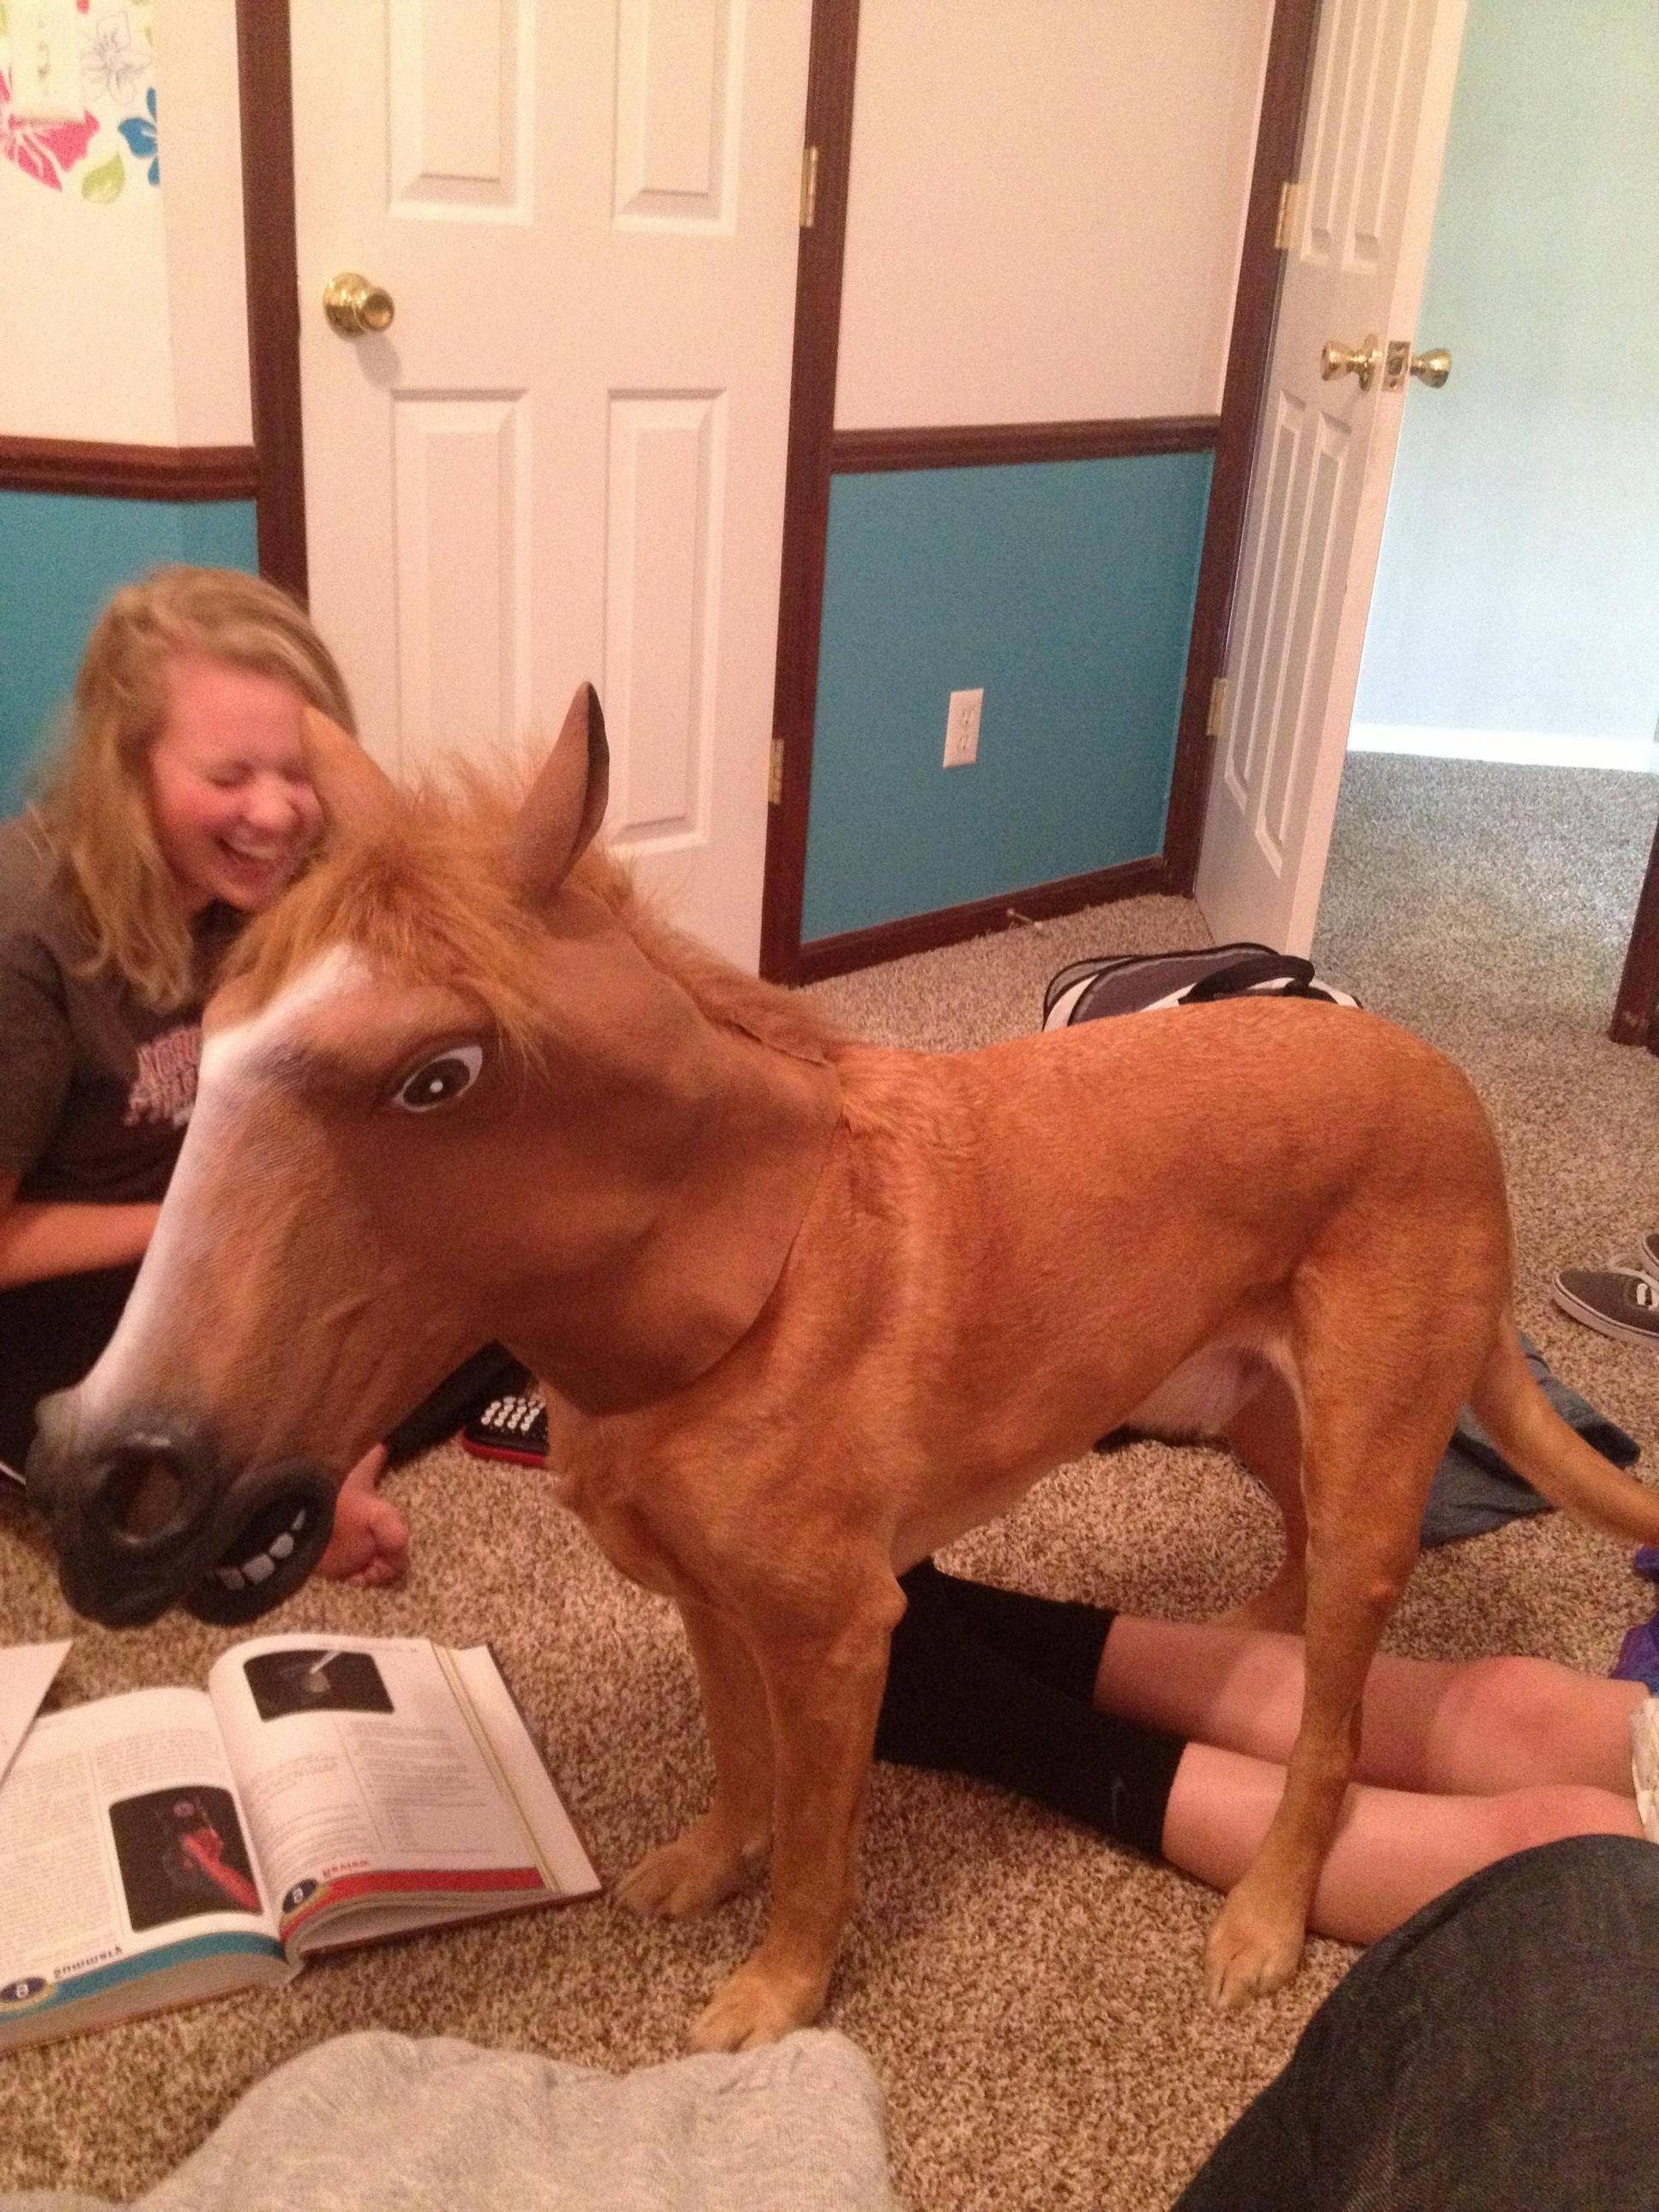 I put a horse mask on my dog